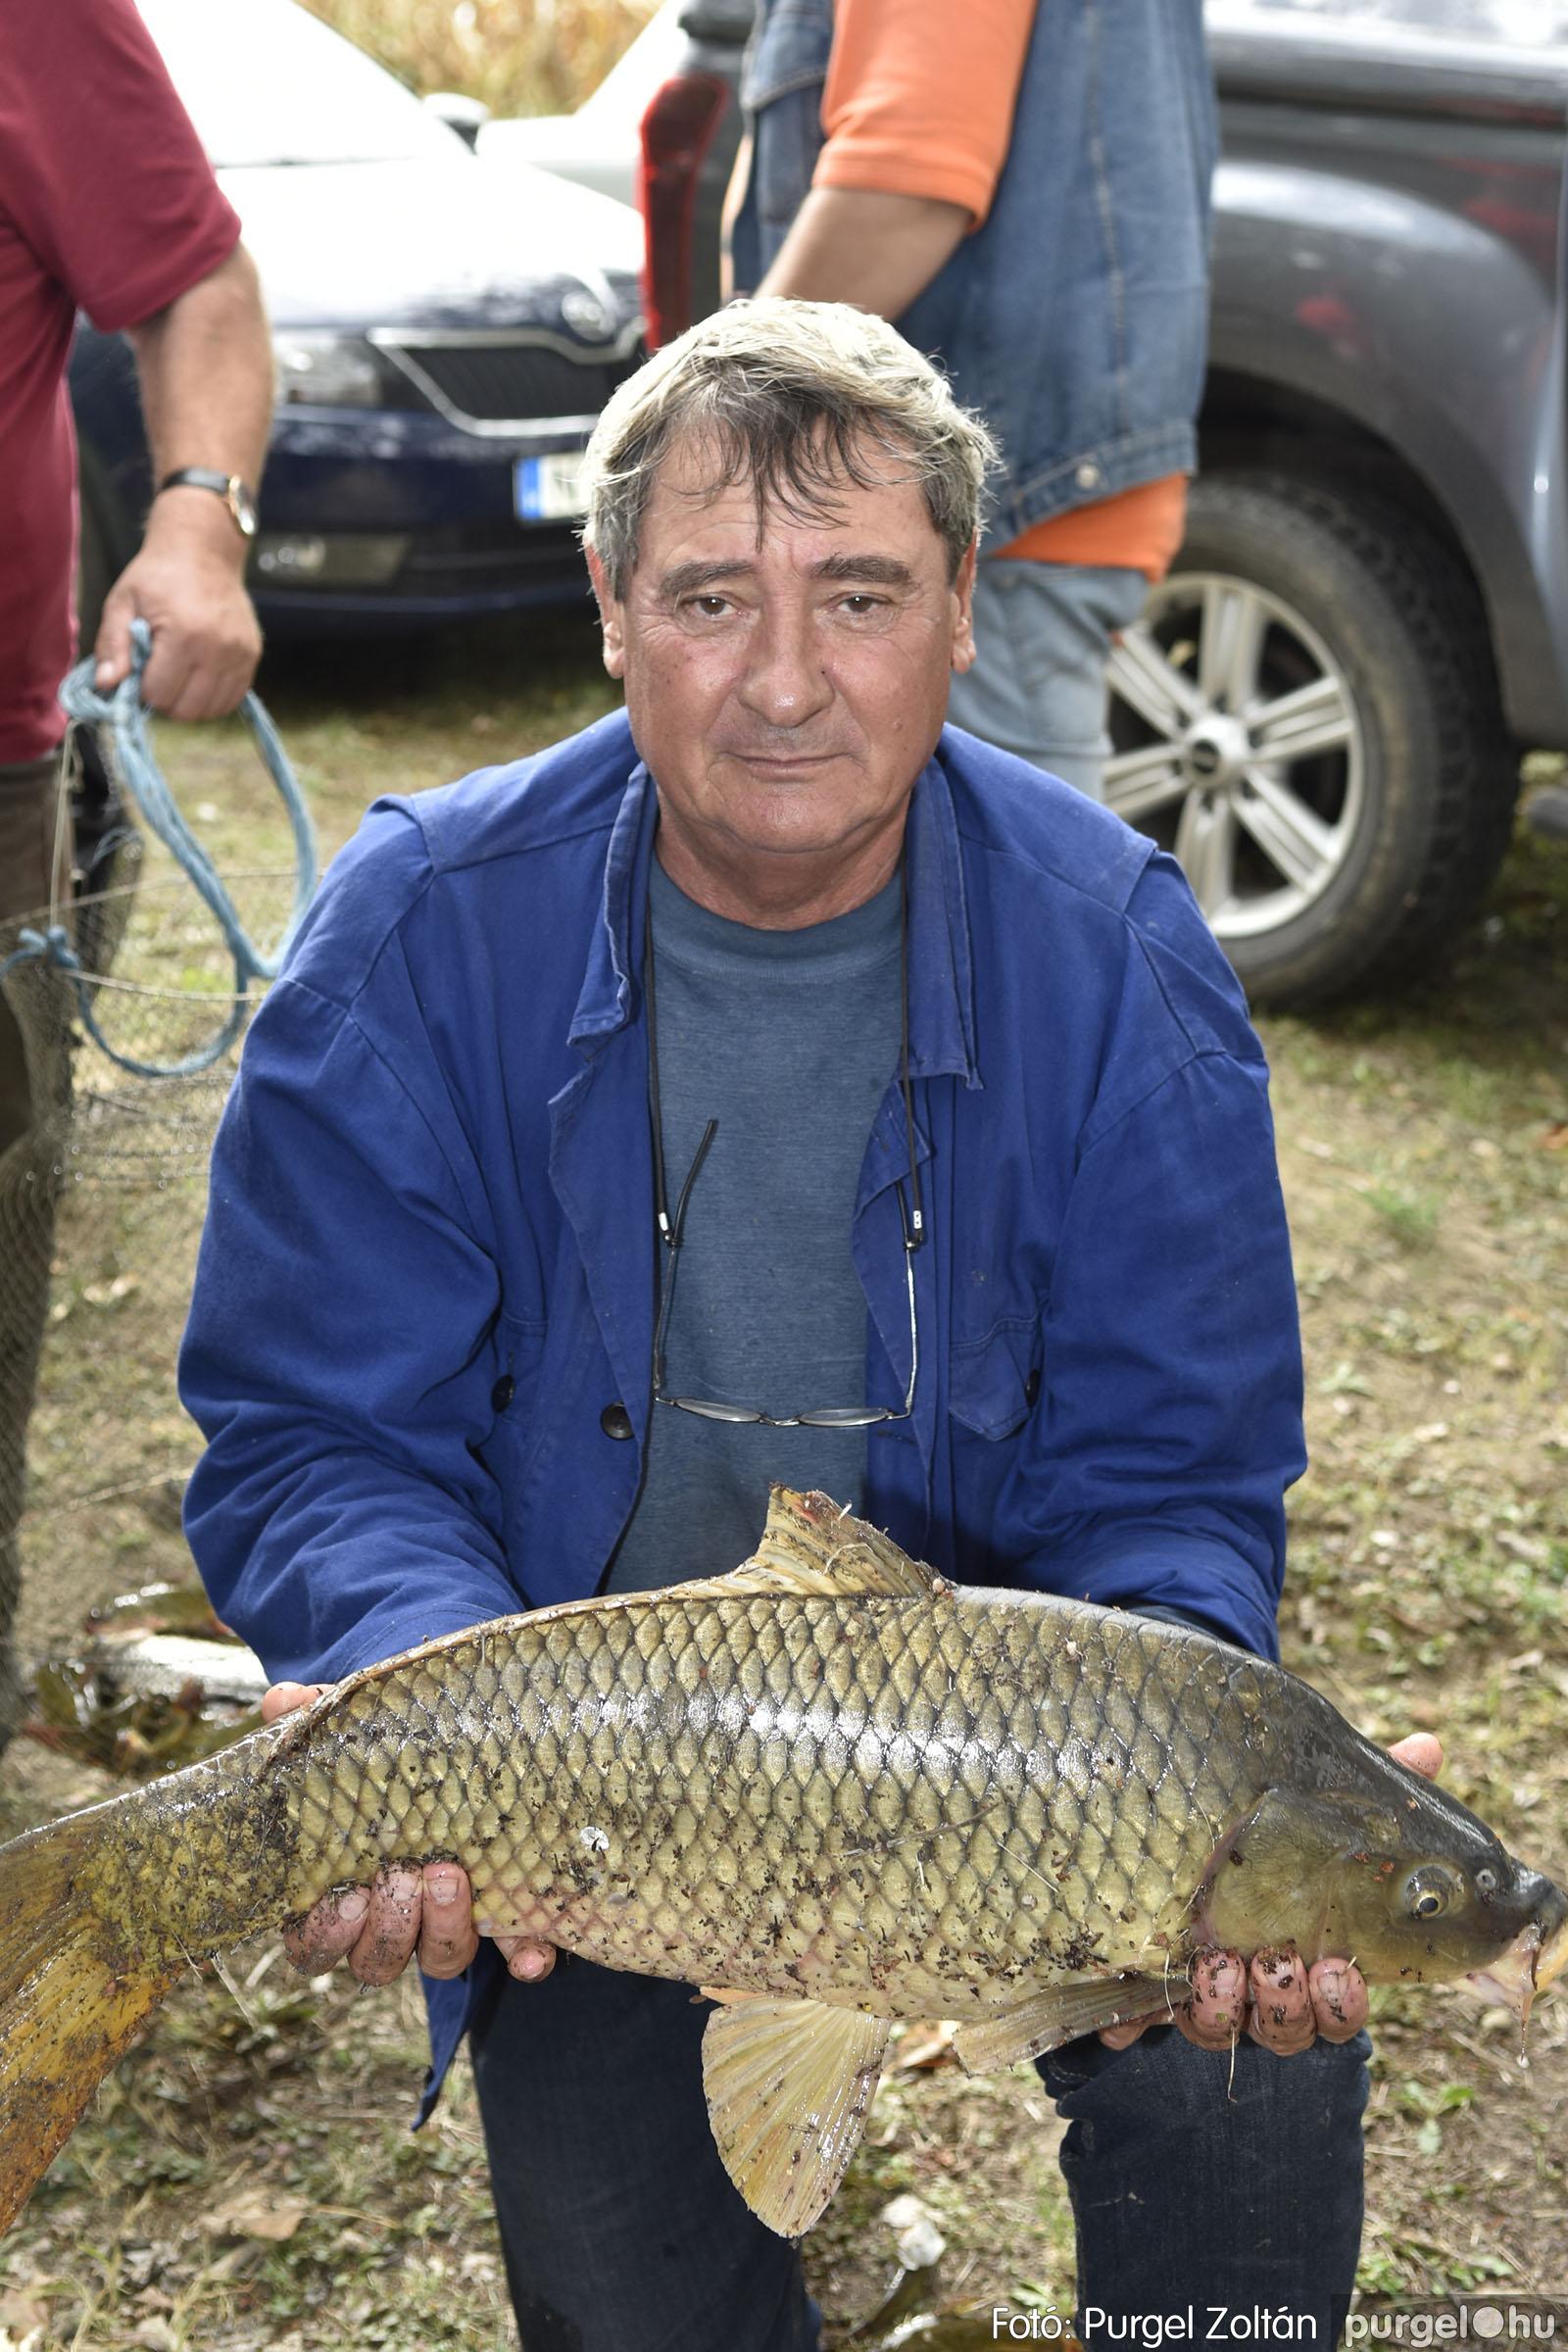 041 2020.10.03. Horgászverseny a Lándoron - Fotó: Purgel Zoltán© _DSC2962q.jpg